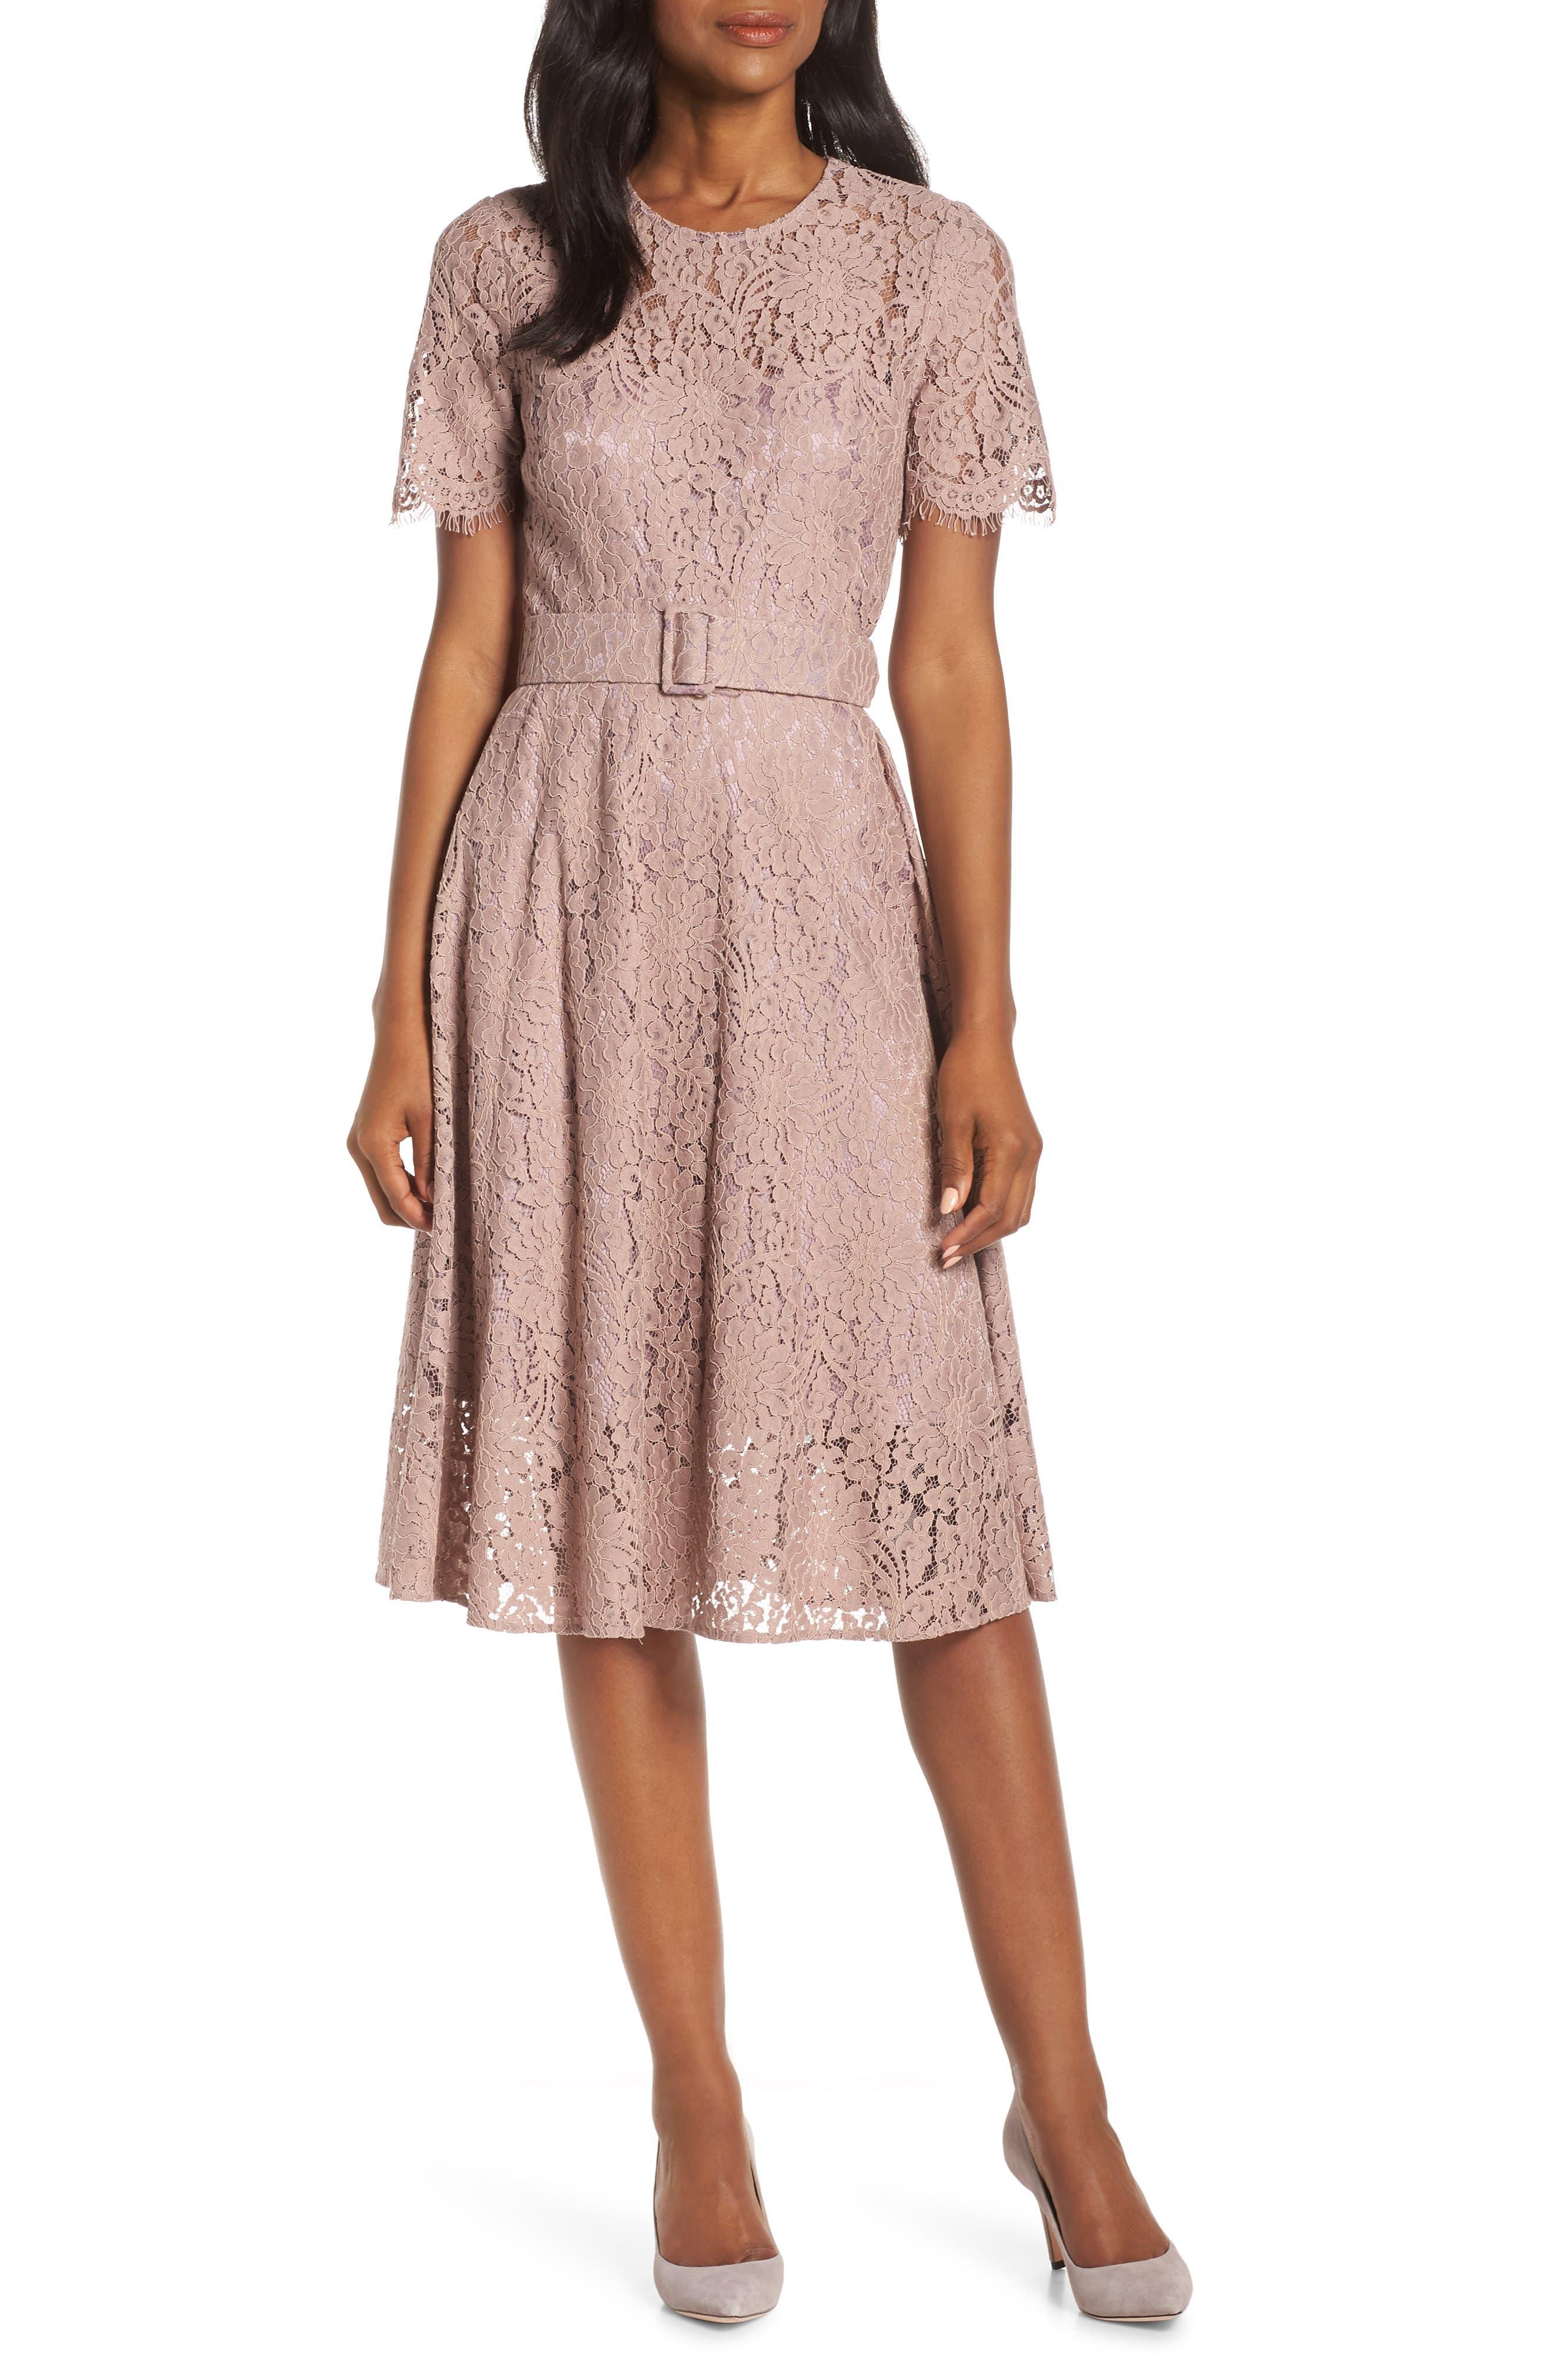 1940s Cocktail Dresses, Party Dresses Womens Eliza J Belted Fit  Flare Lace Dress $178.00 AT vintagedancer.com